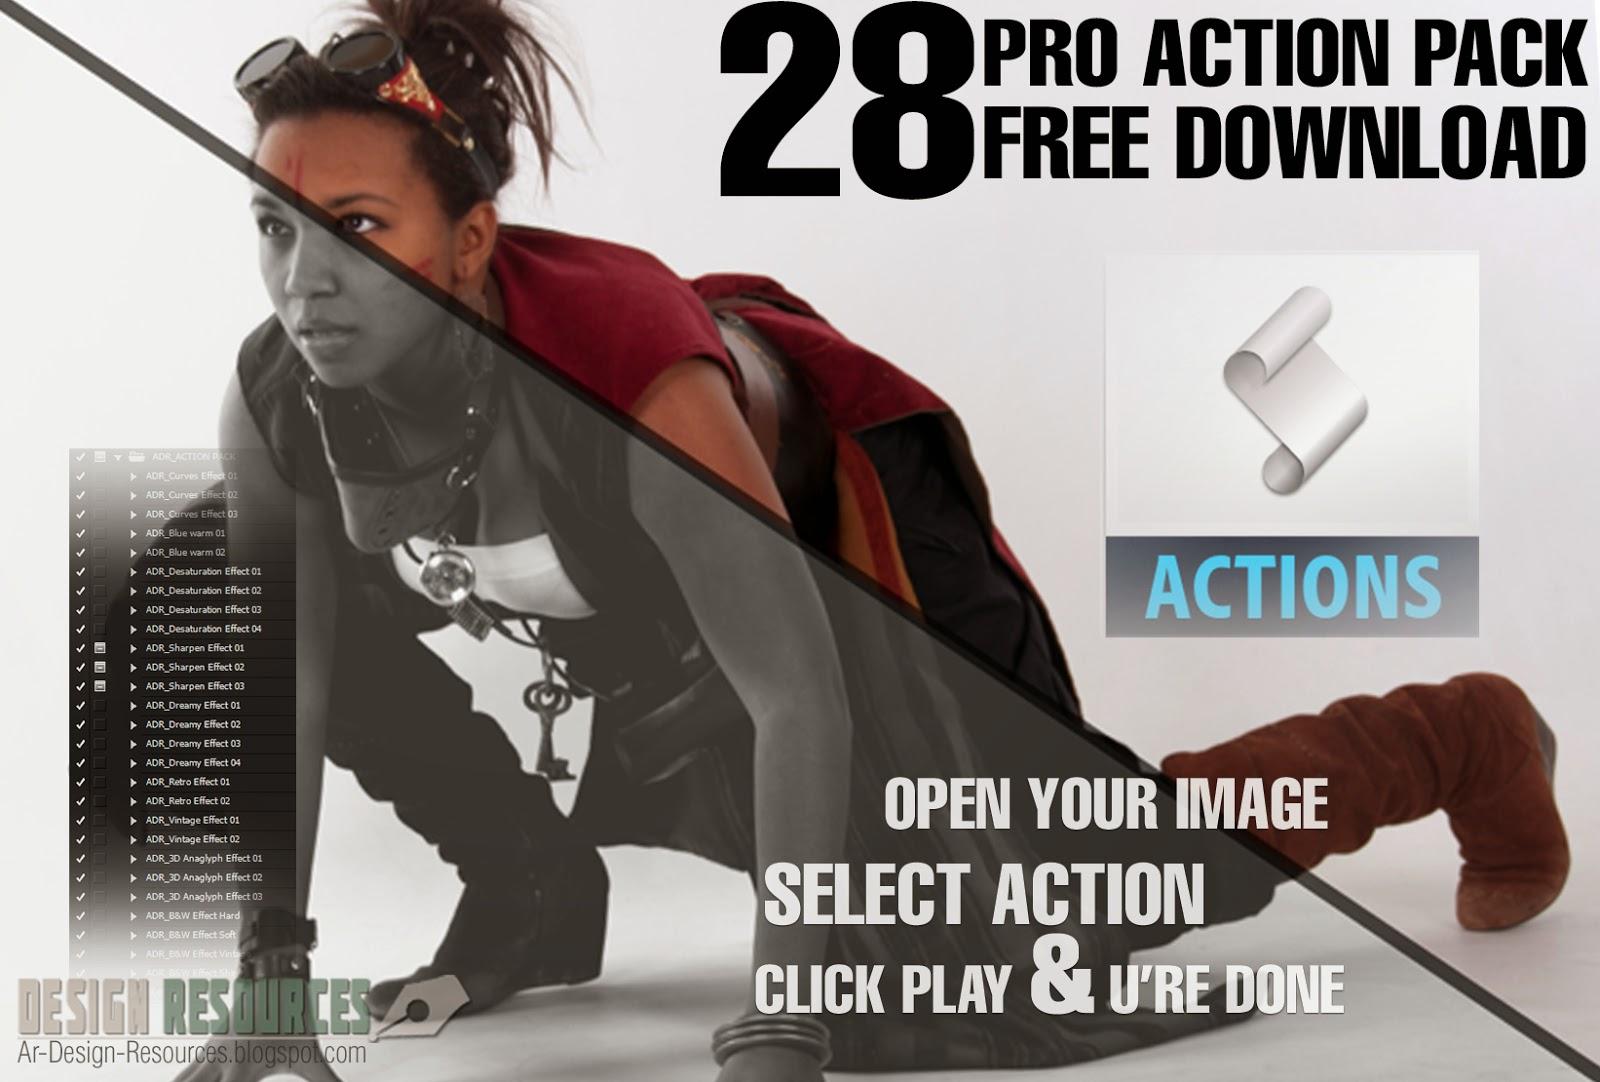 http://3.bp.blogspot.com/-kZ69uqnaLaU/VRDIeLy2SmI/AAAAAAAABSM/q76kAxptcCA/s1600/28%2BPRO%2BAction%2BPREVIEW%2B(2).jpg